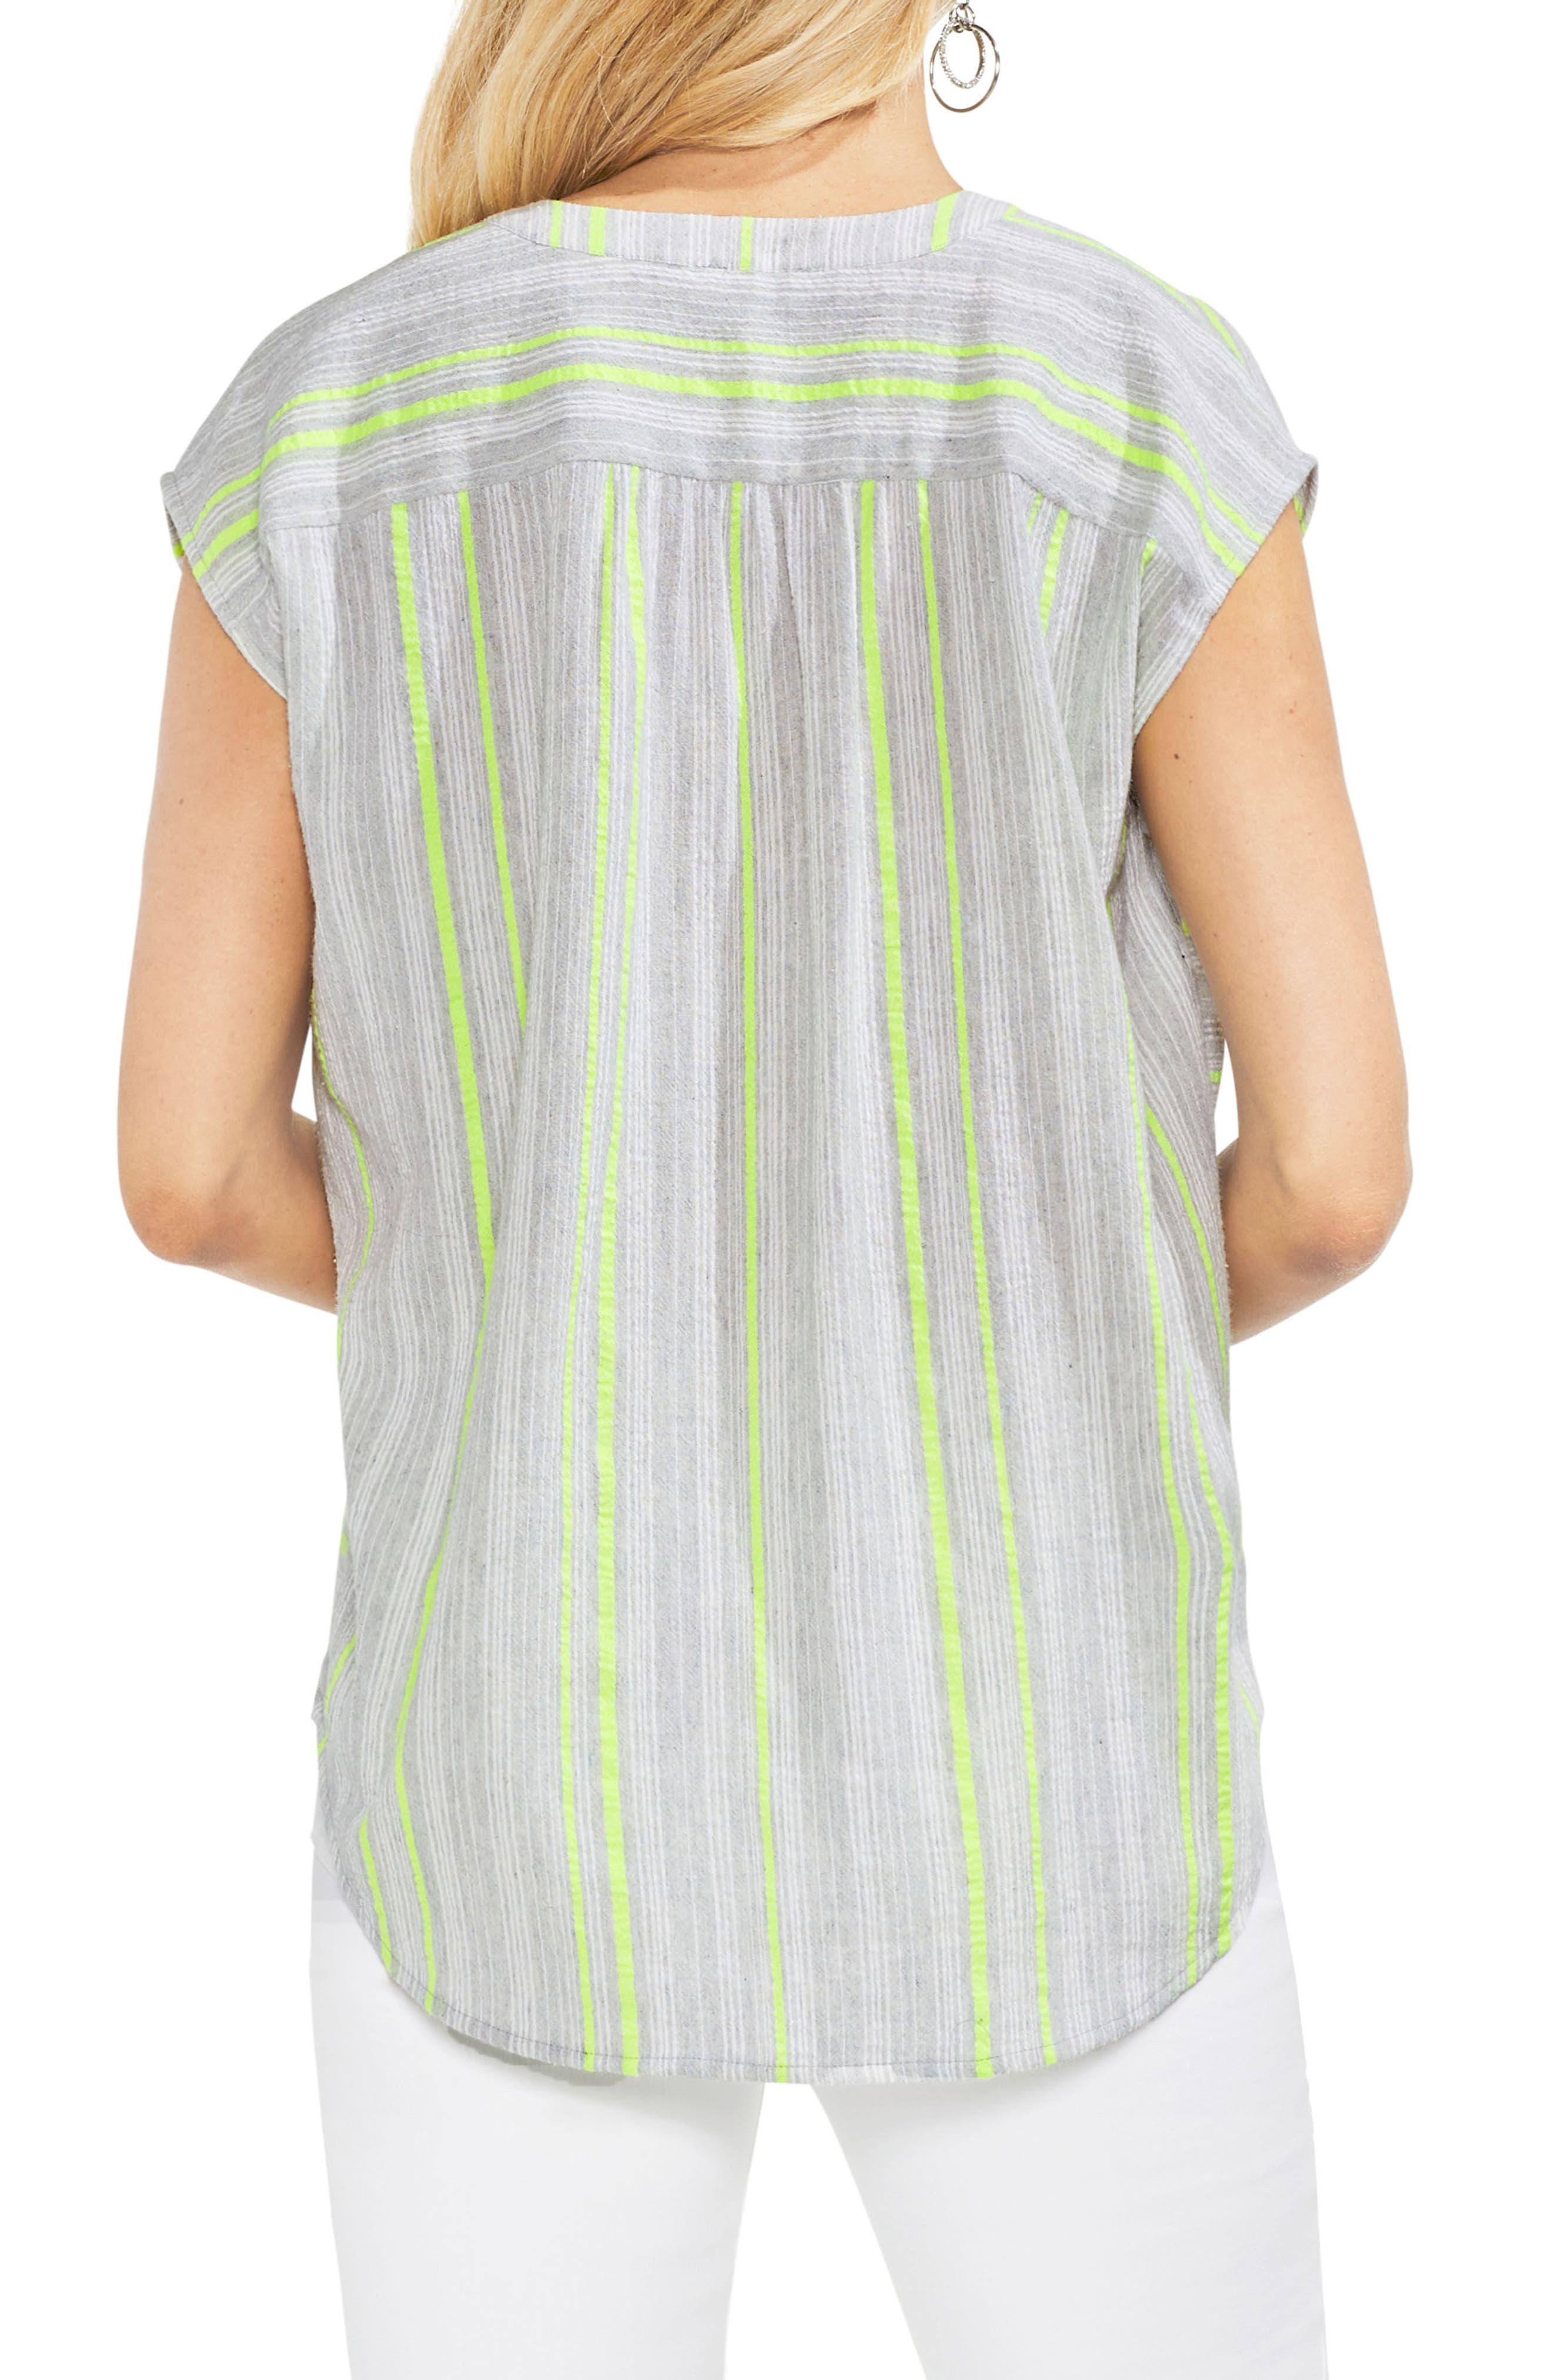 Cotton Blend Stripe Henley Top,                             Alternate thumbnail 2, color,                             300